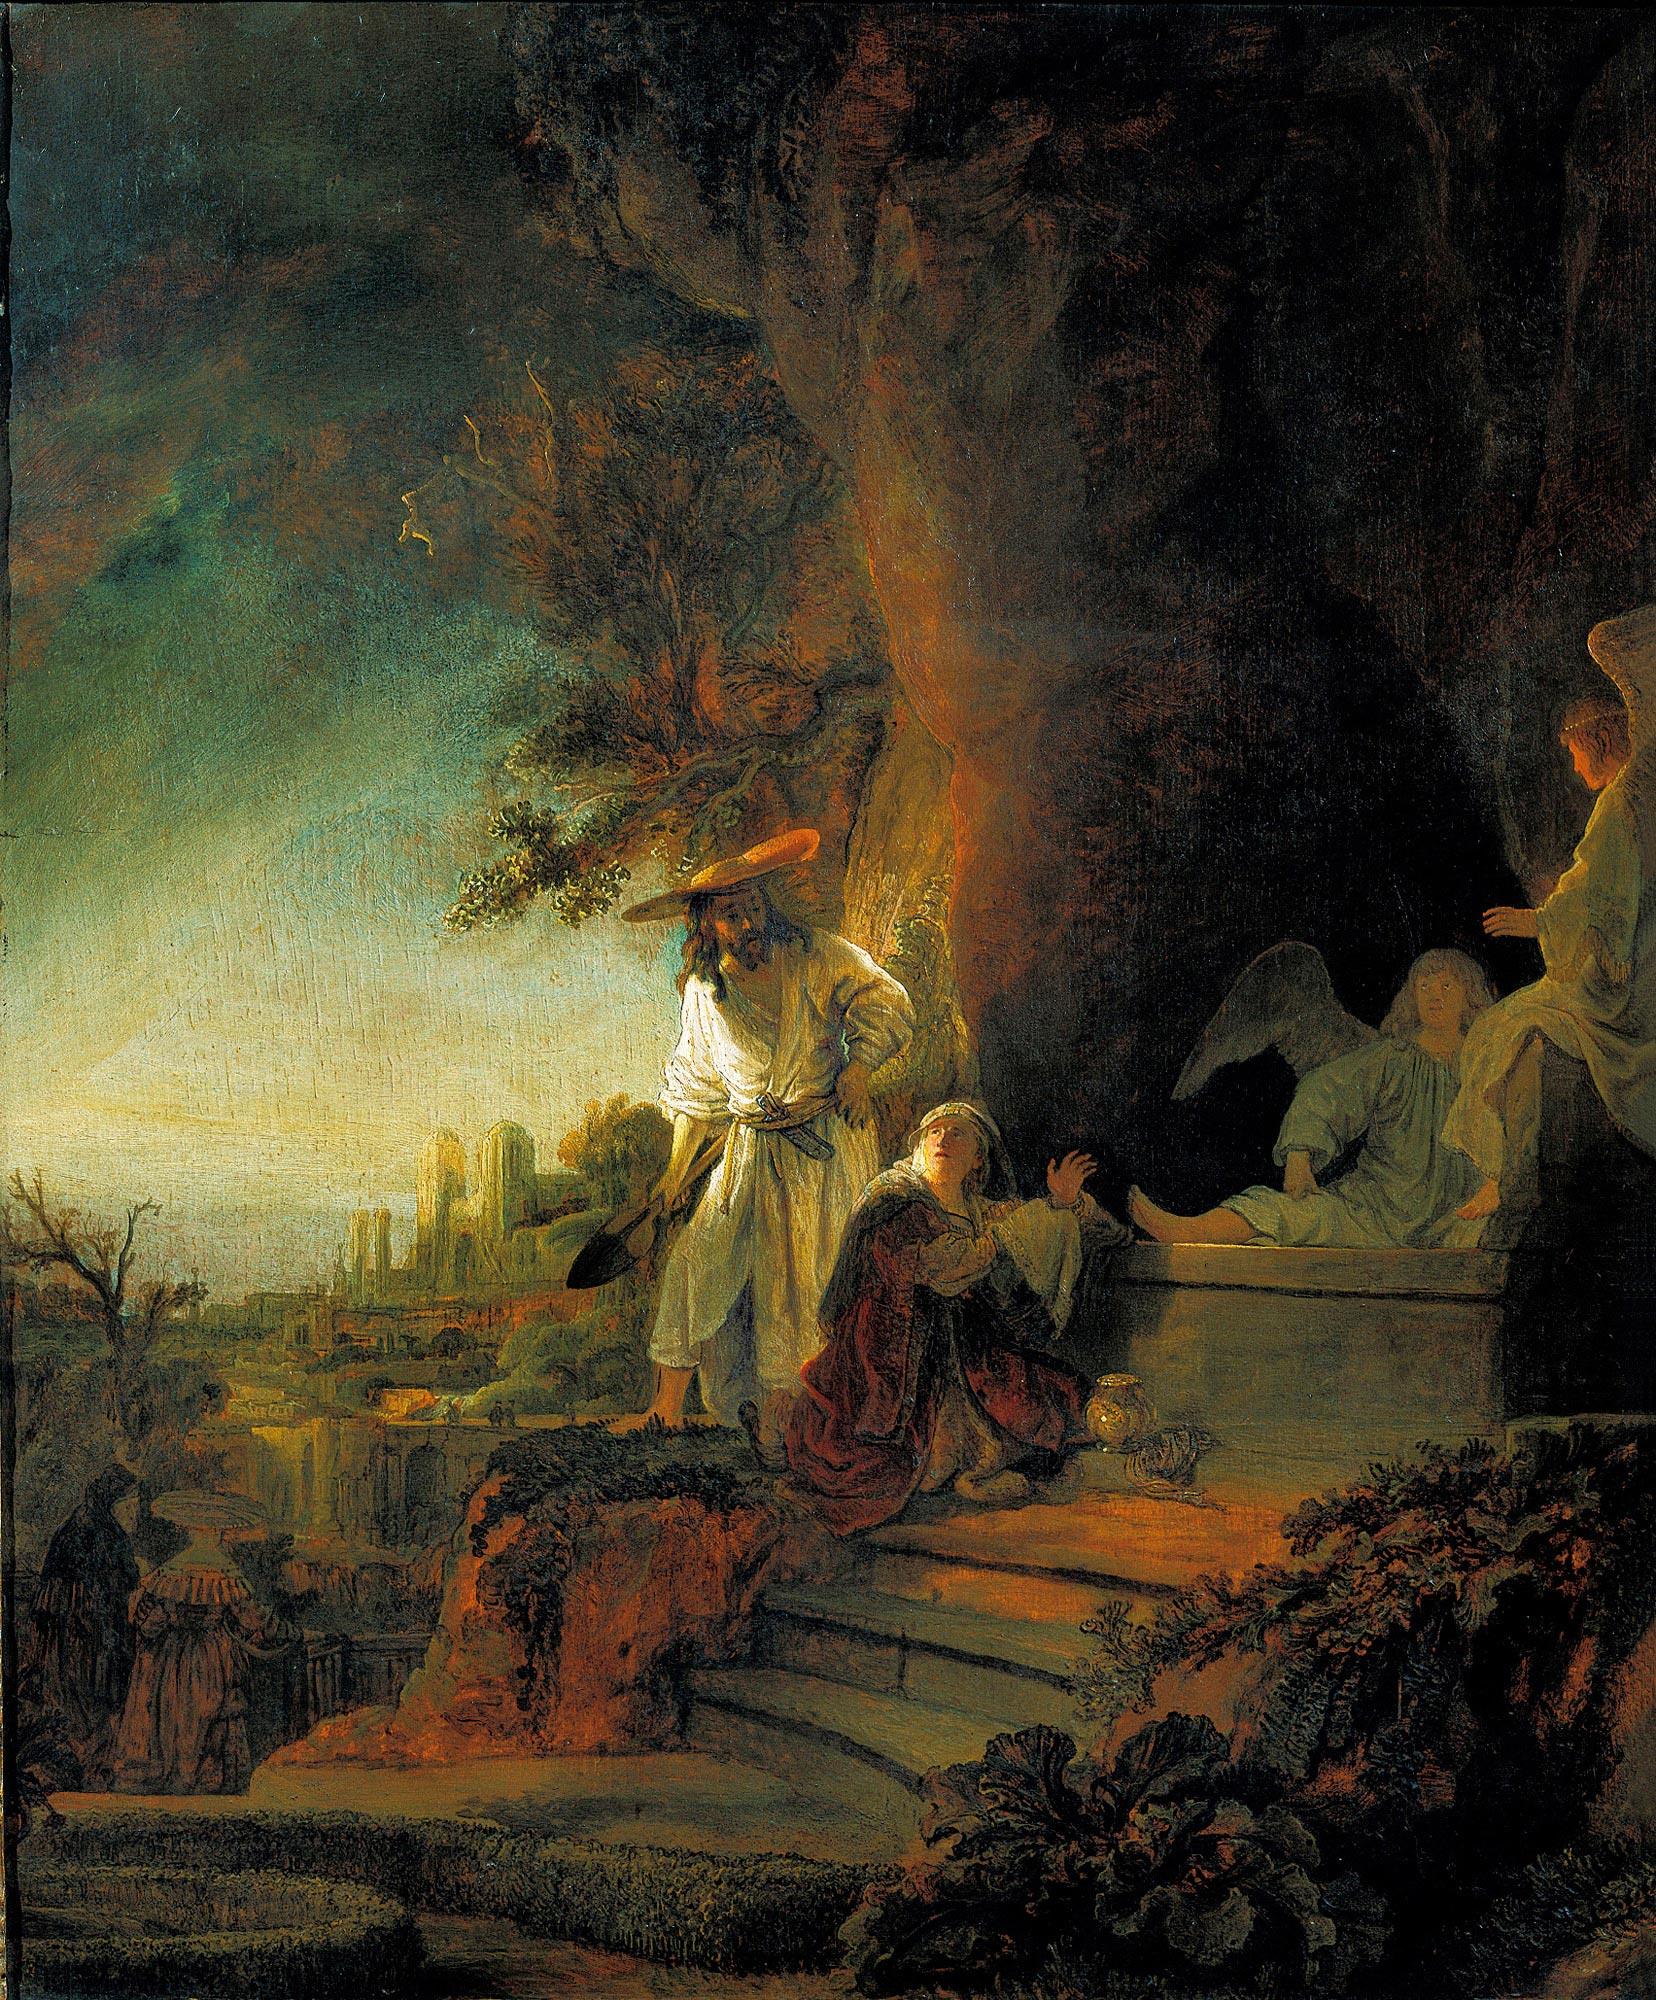 Rembrandt, Christus verschijnt aan Maria Magdalena, 1638. Her Majesty Queen Elizabeth II, The Royal Collection, London